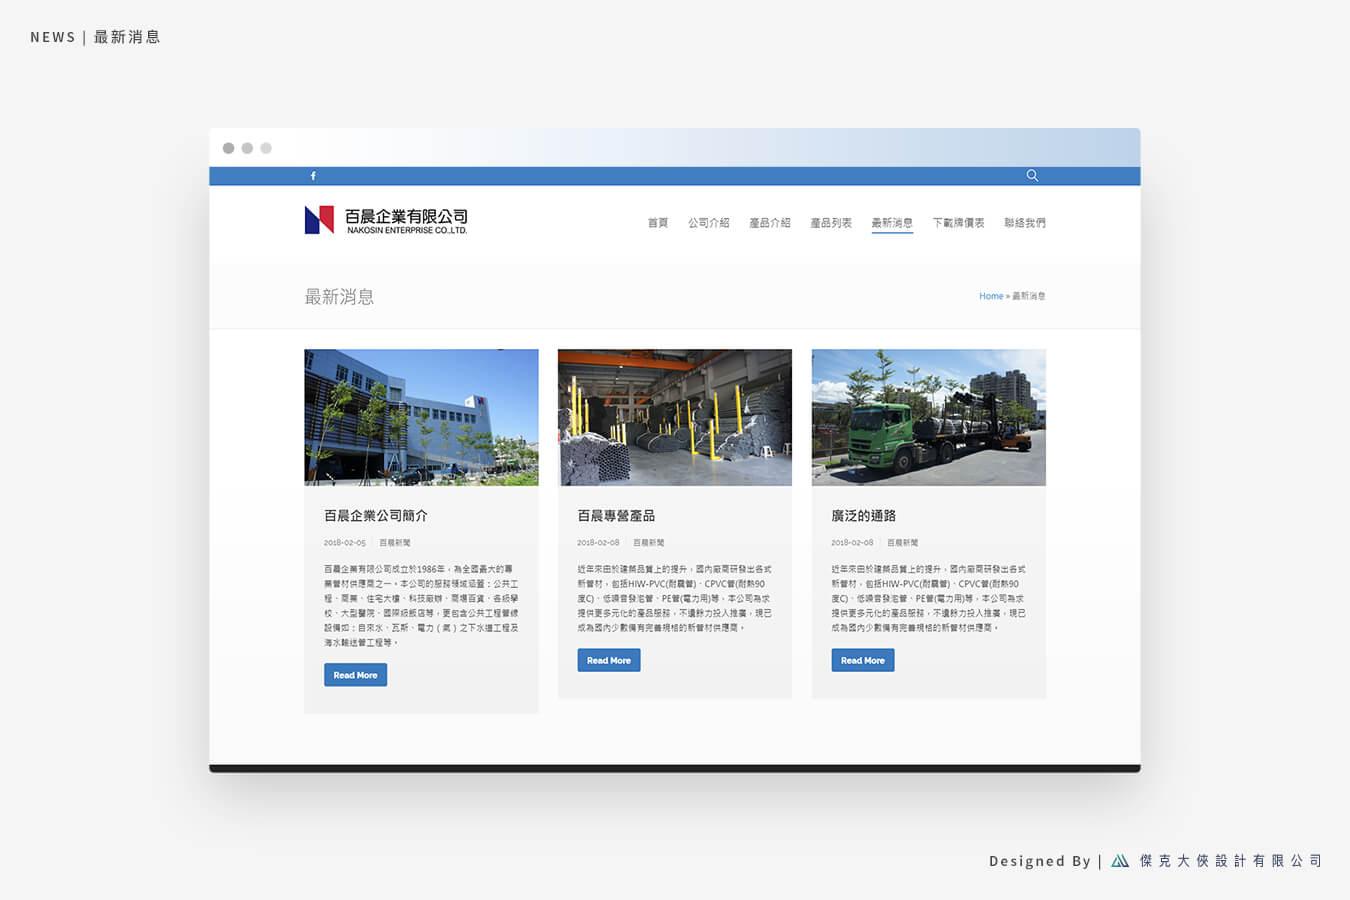 企業形象網站 | 網站設計 | 公司品牌視覺打造專業形象網站! 企業形象最佳展示、潛在客戶一眼記住! 交給B2B網站設計專家傑克大俠